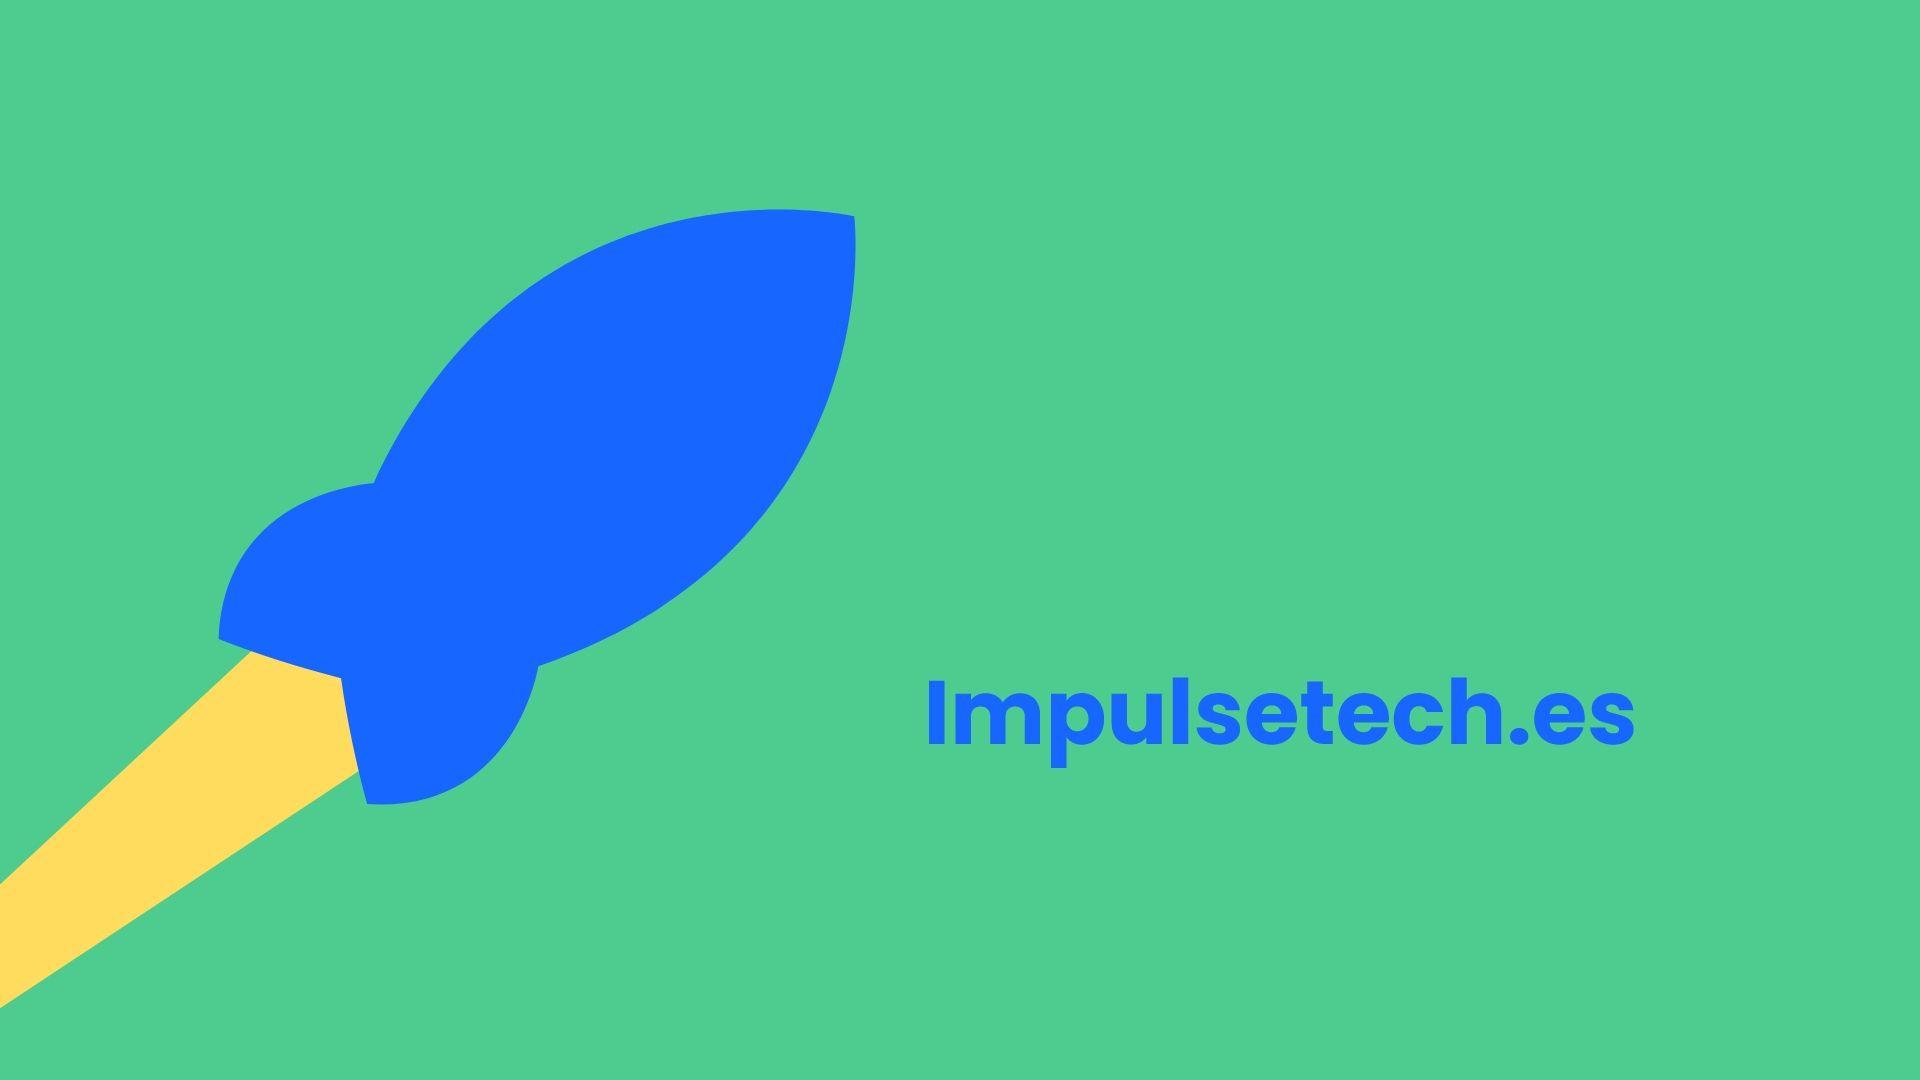 Los negocios necesitan soluciones digitales a medida, económicas y llave en mano, según Impulsetech